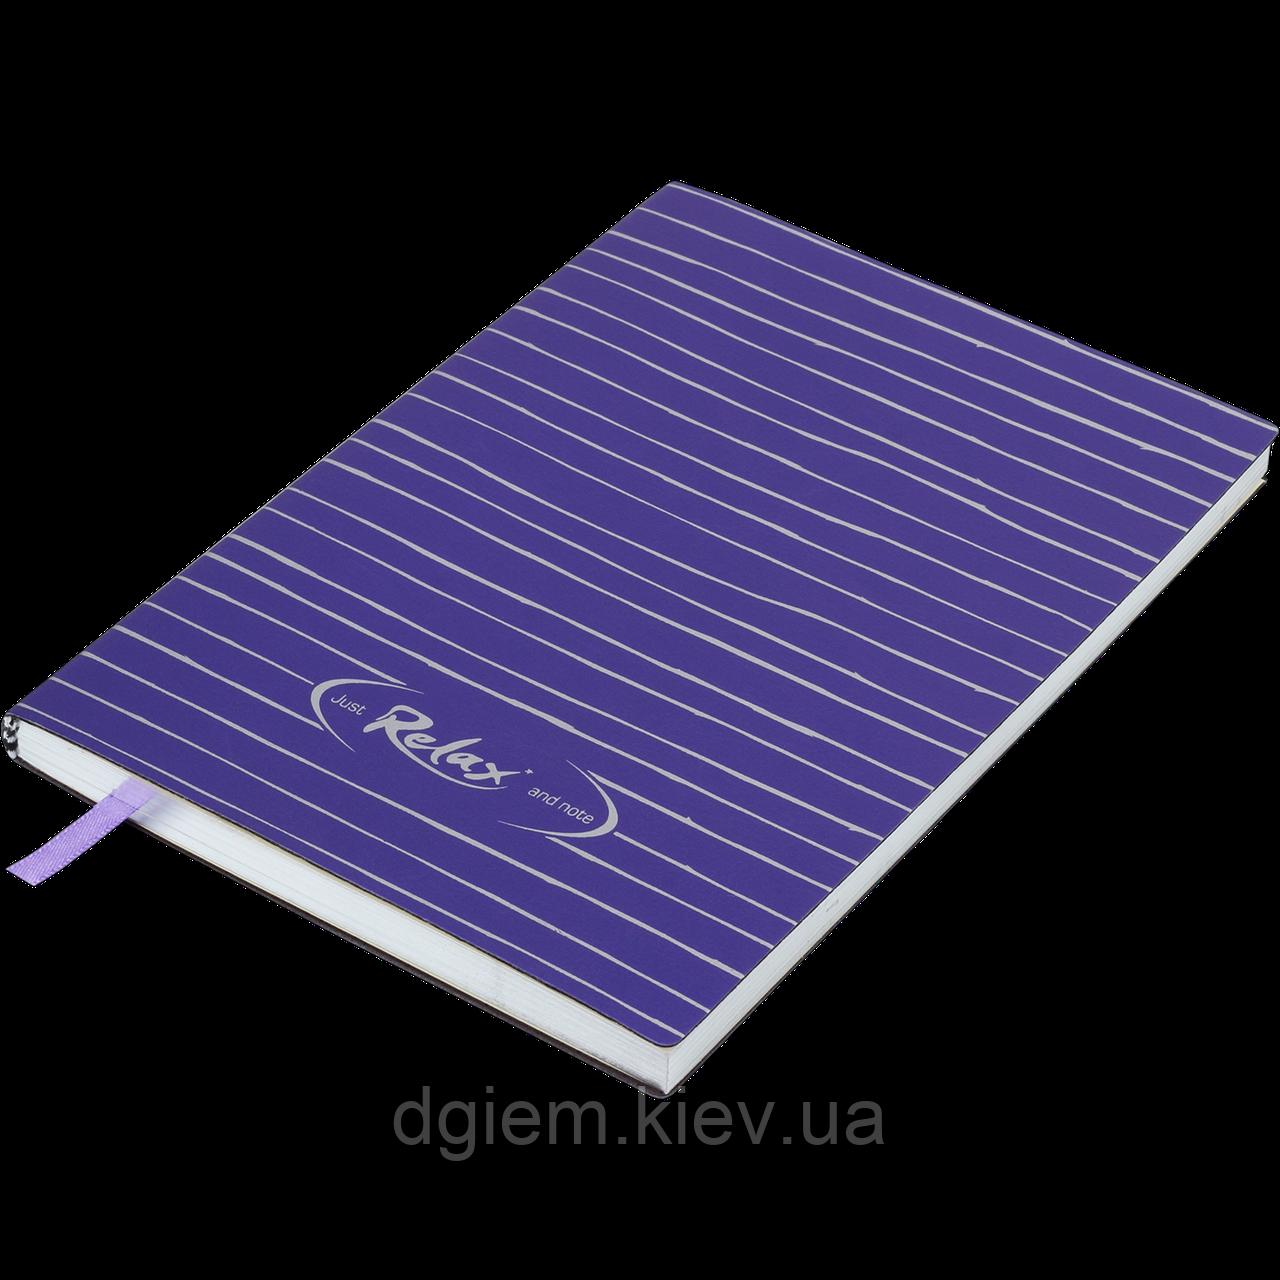 Блокнот деловой RELAX А5 96л. линия, иск. кожа, фиолетовый